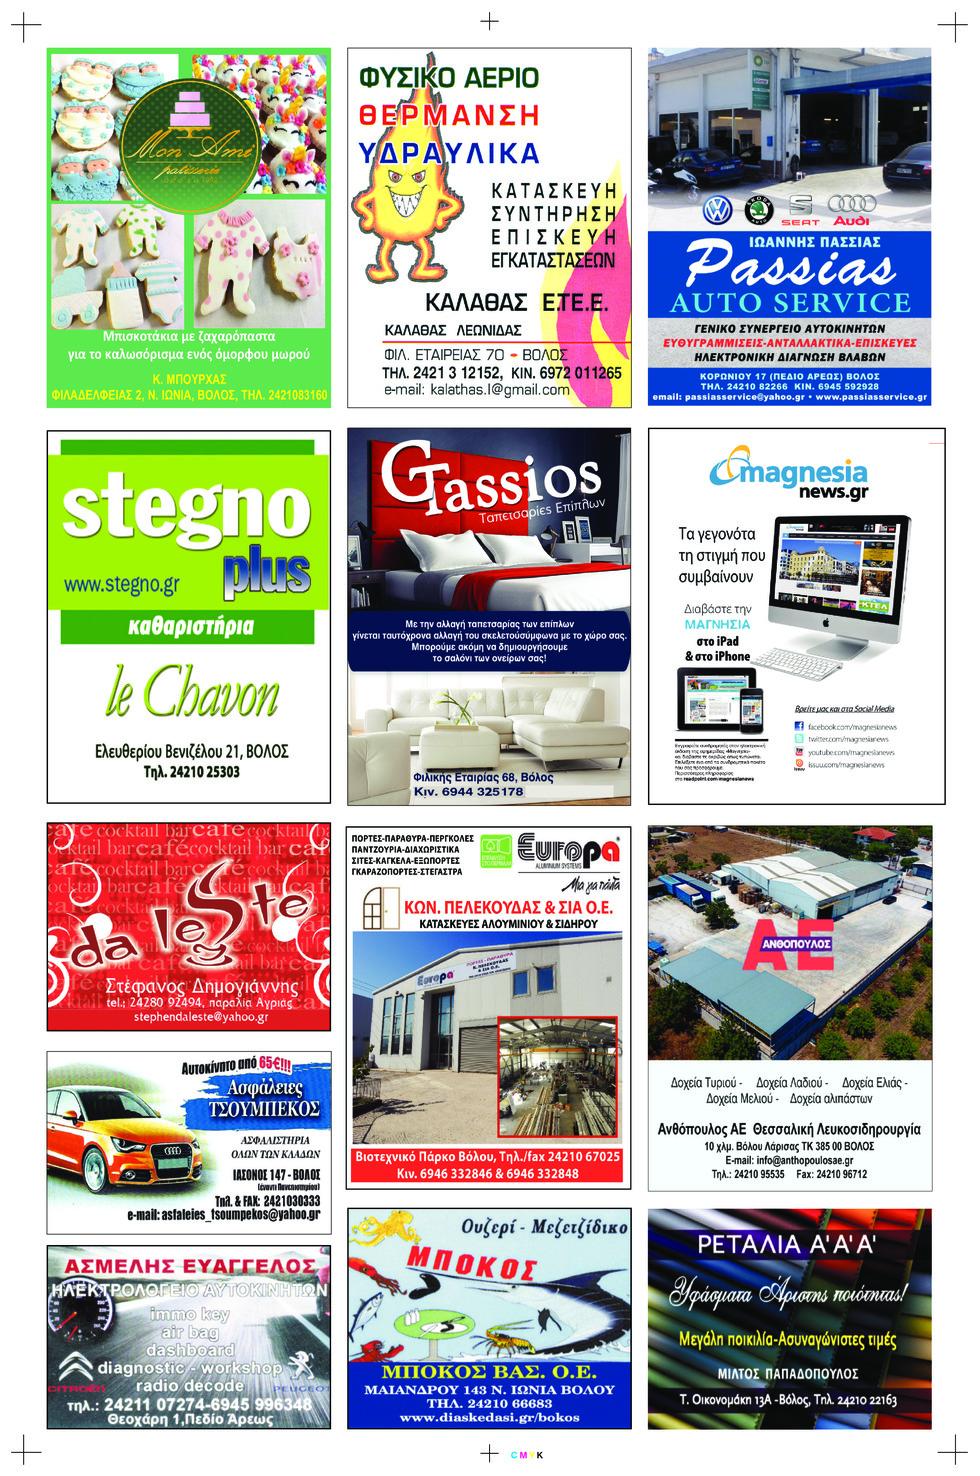 Οπισθόφυλλο εφημερίδας Μαγνησία